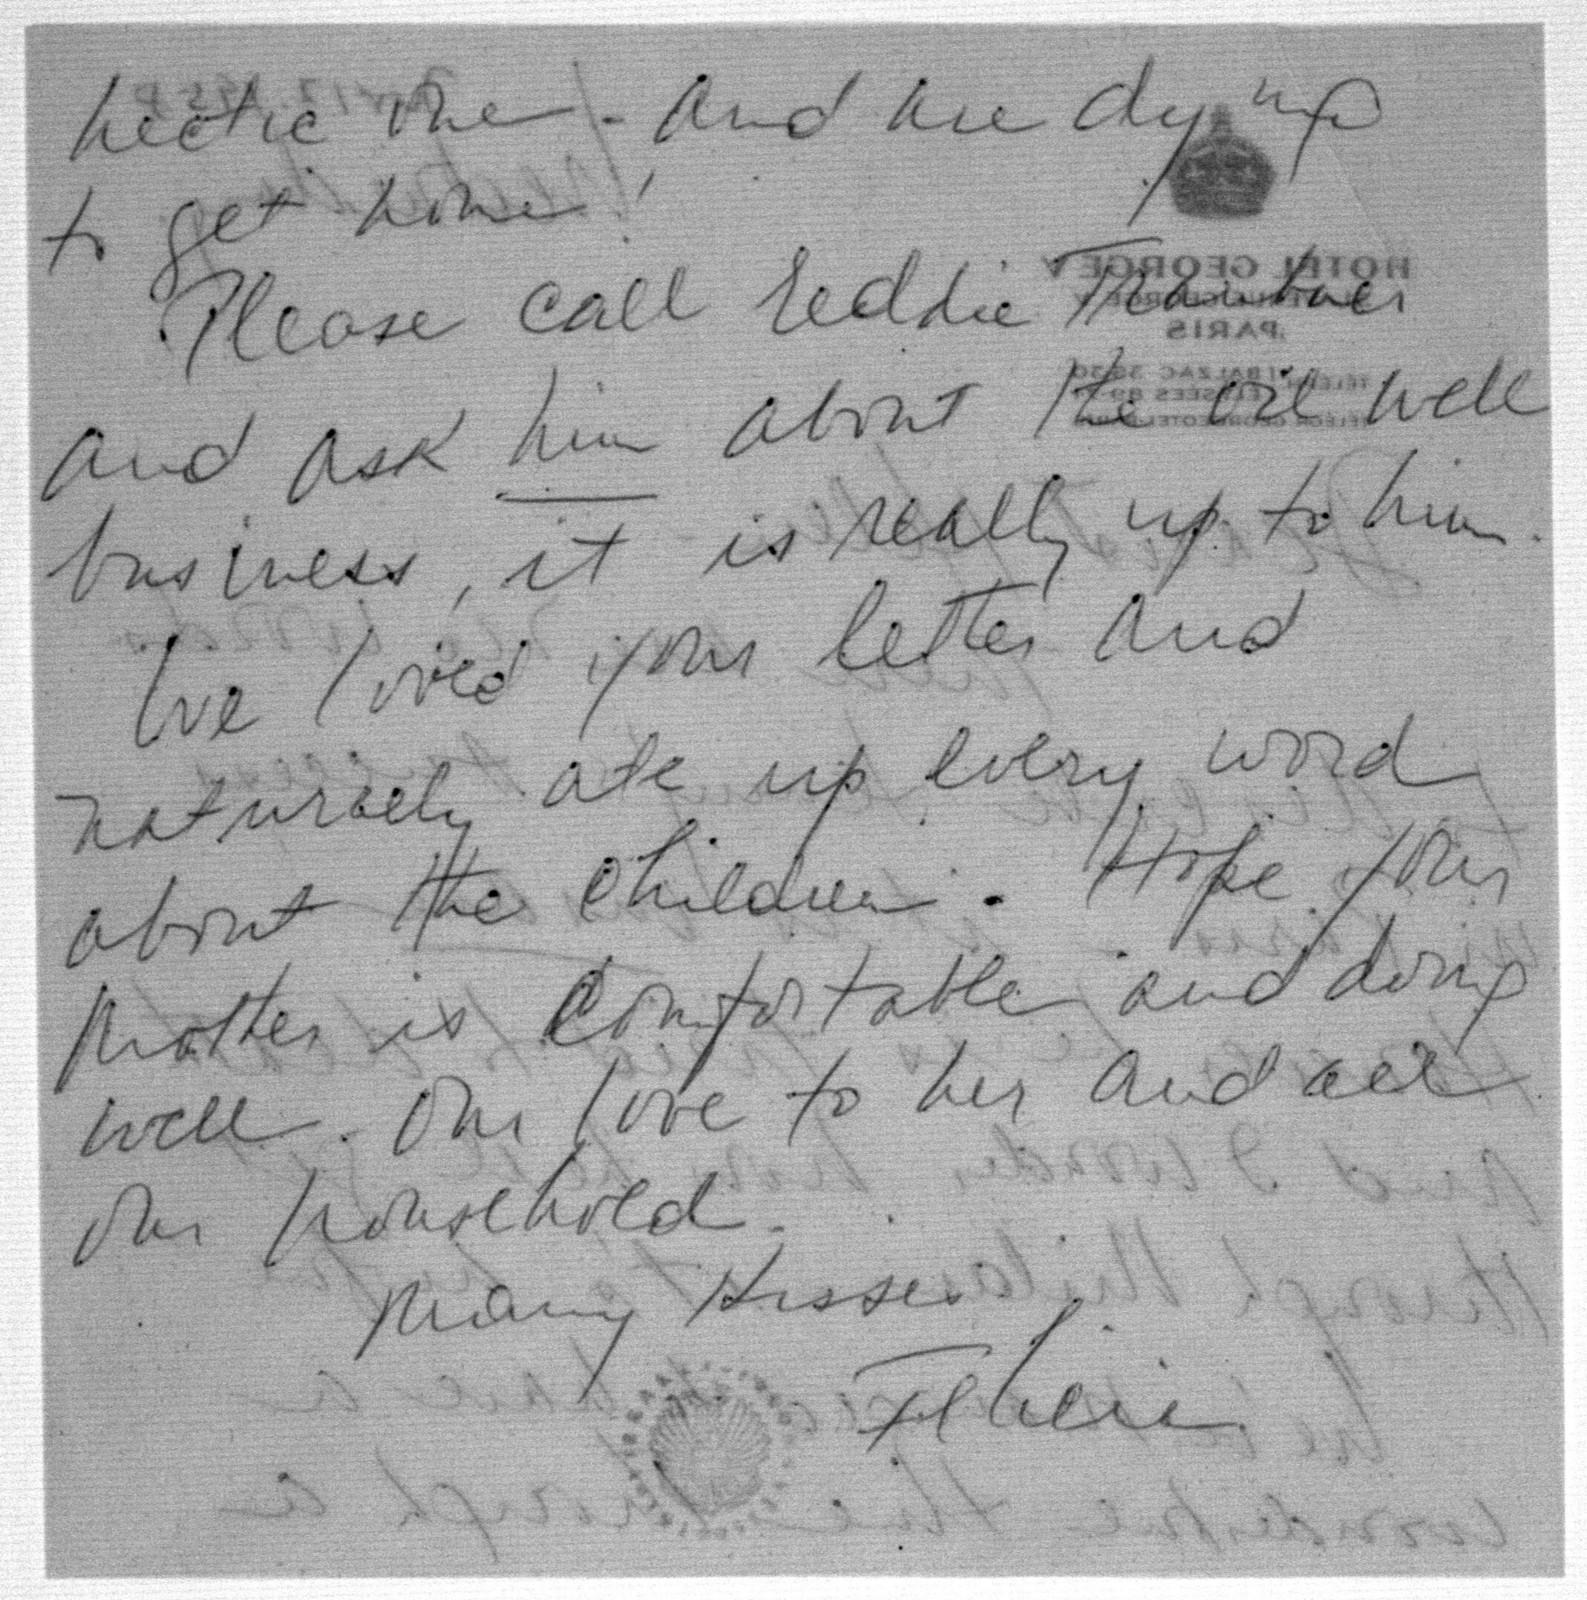 Letter from Felicia Bernstein to Helen Coates, November 12, 1958